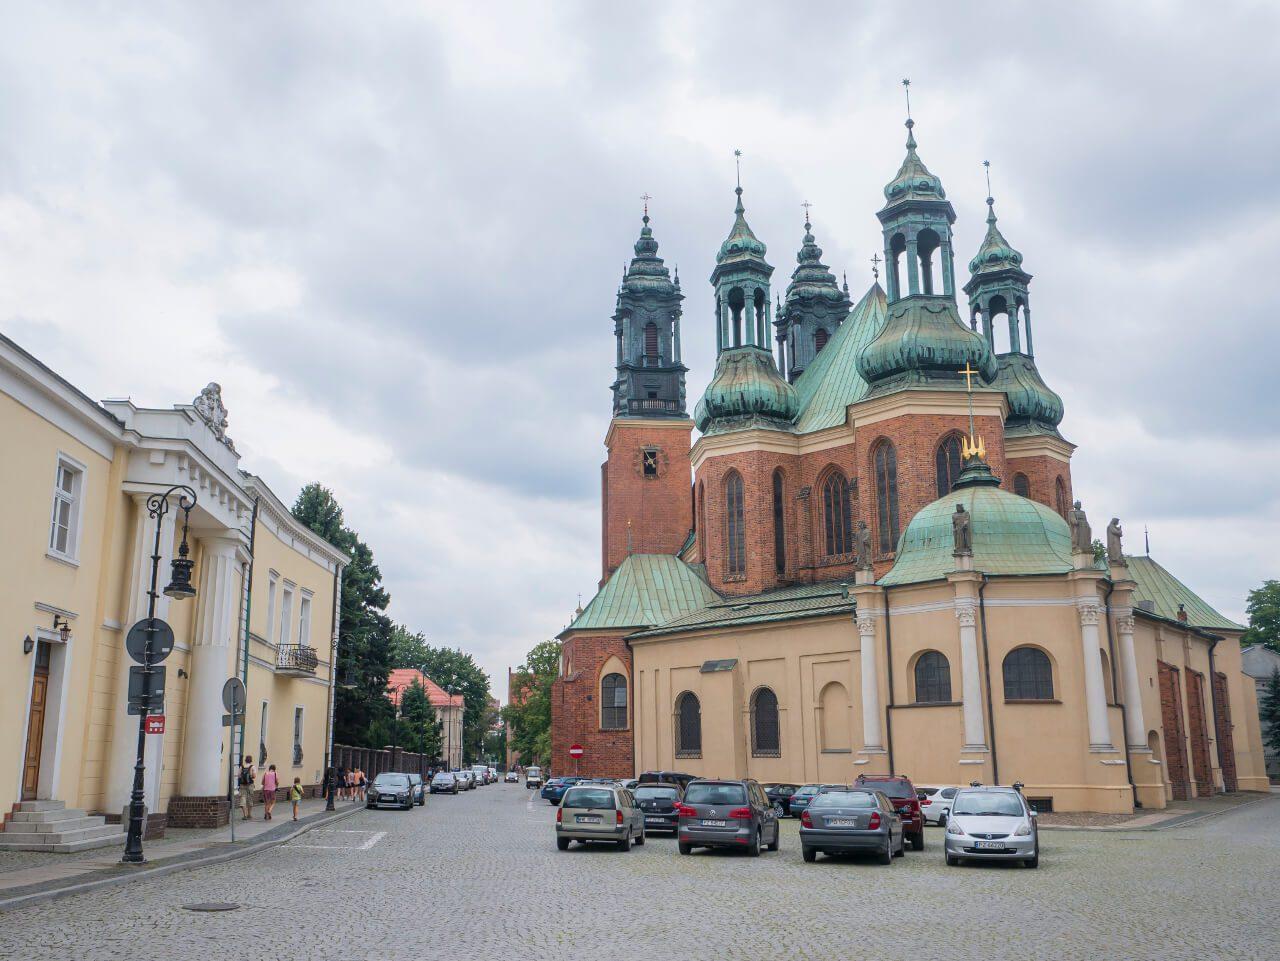 Bazylika Świętych Apostołów Piotra i Pawła z mostu Jordana w Poznaniu